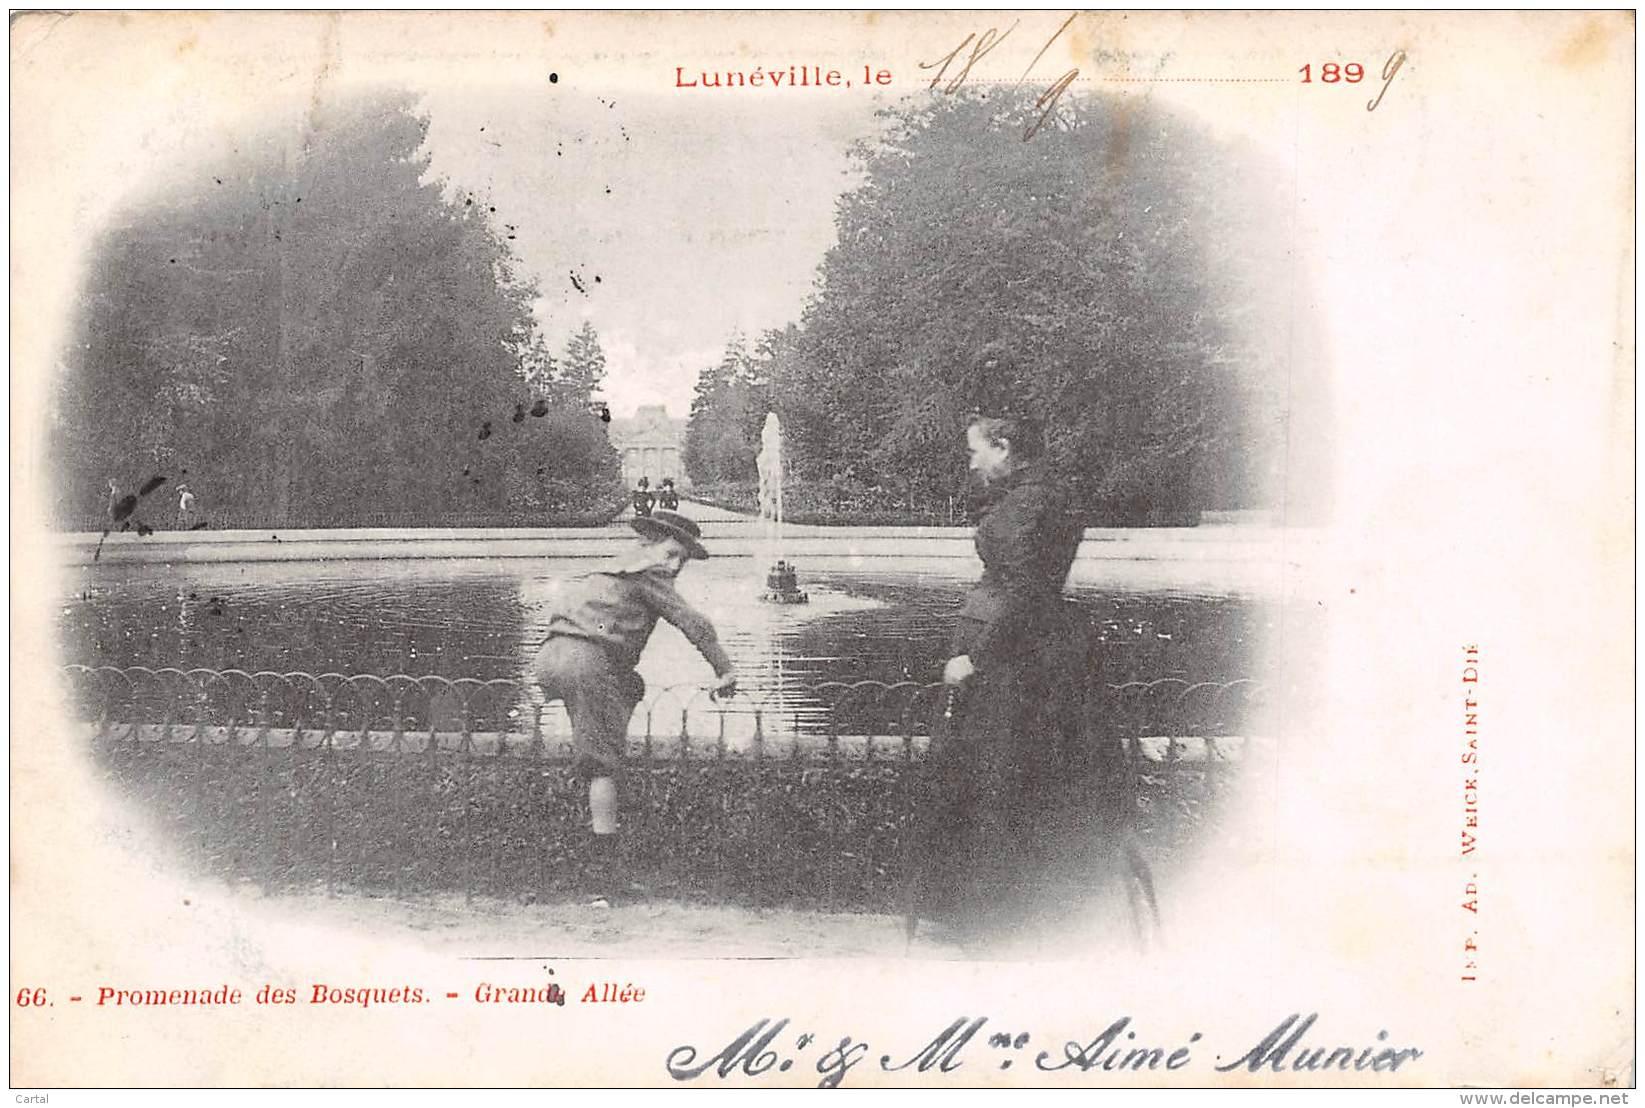 54 - LUNEVILLE - Promenade Des Bosquets - Grande Allée - Luneville